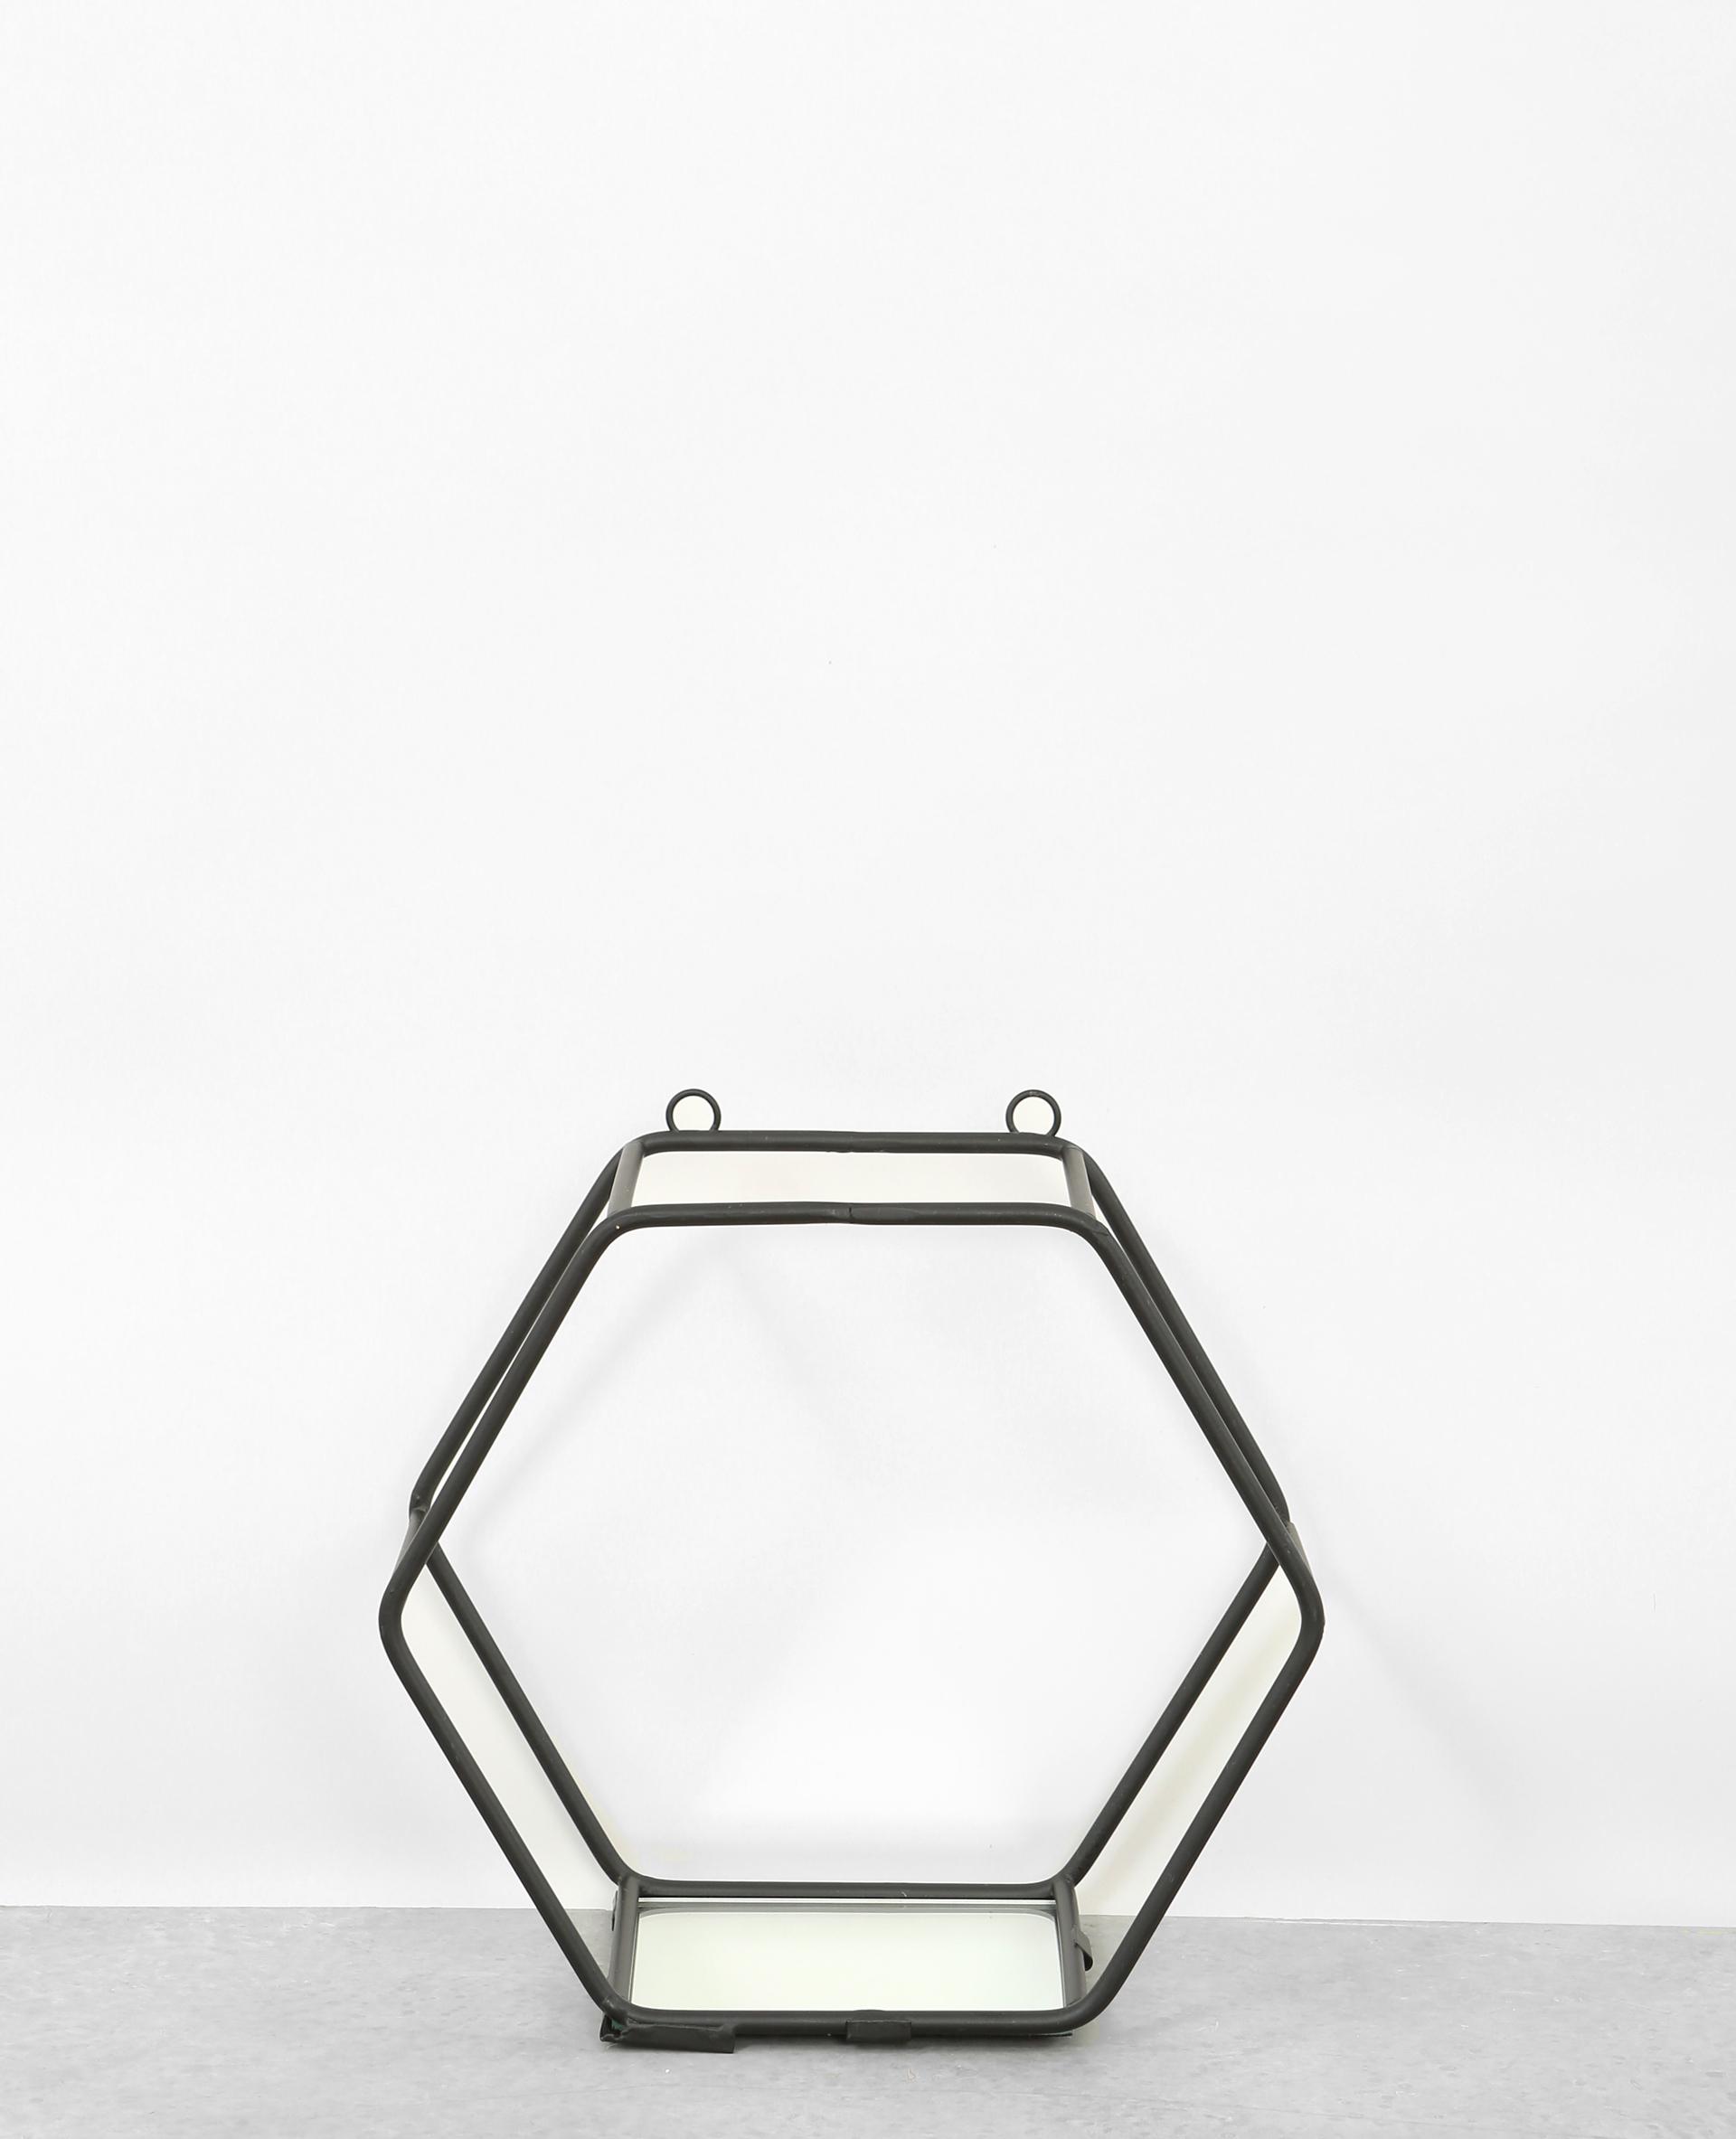 etag re hexagonale noir 907170899a08 pimkie. Black Bedroom Furniture Sets. Home Design Ideas